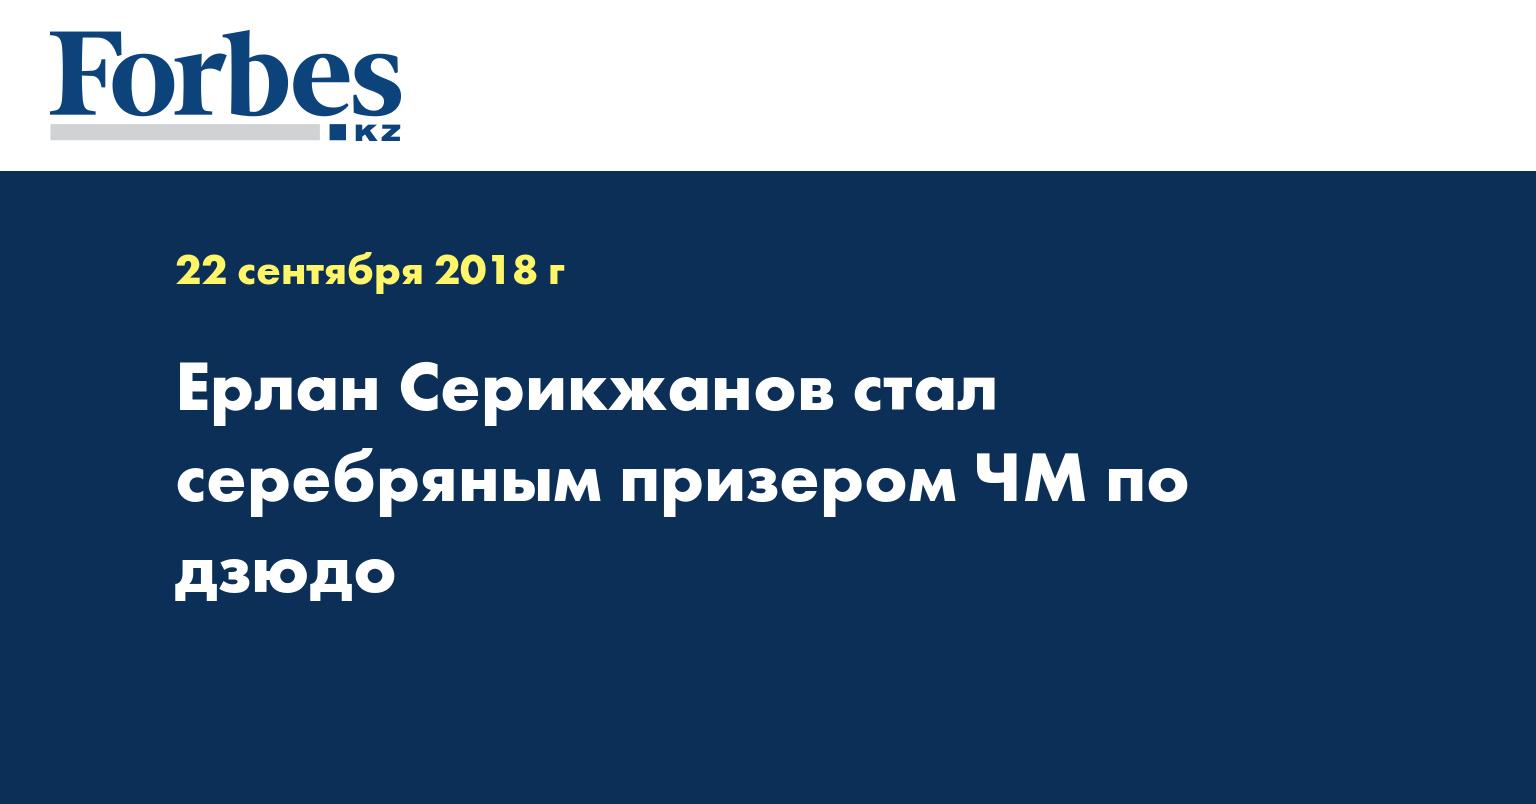 Ерлан Серикжанов стал серебряным призером ЧМ по дзюдо